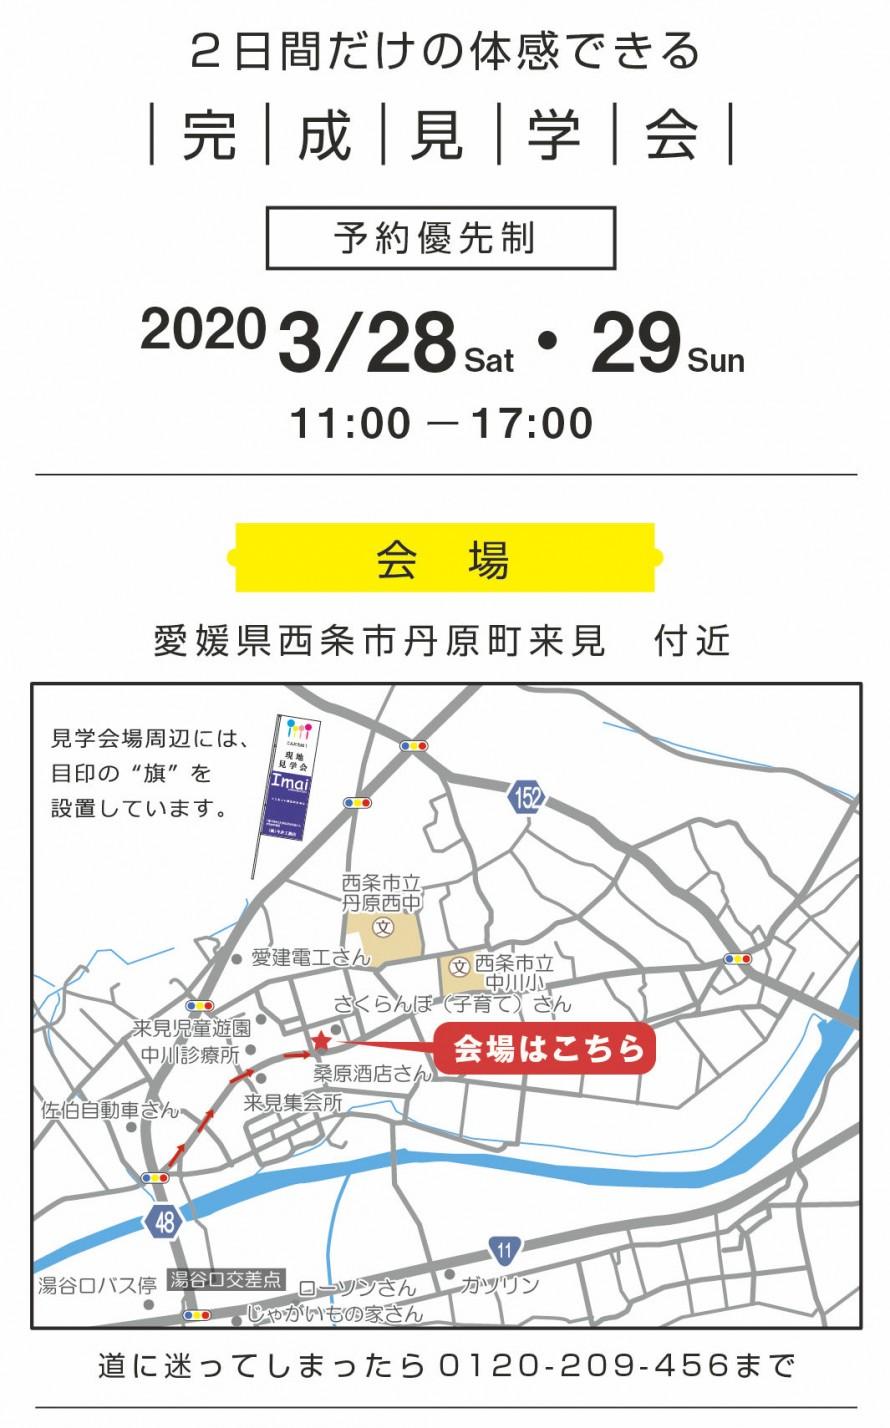 200328-29-imaikengakukai-basyo